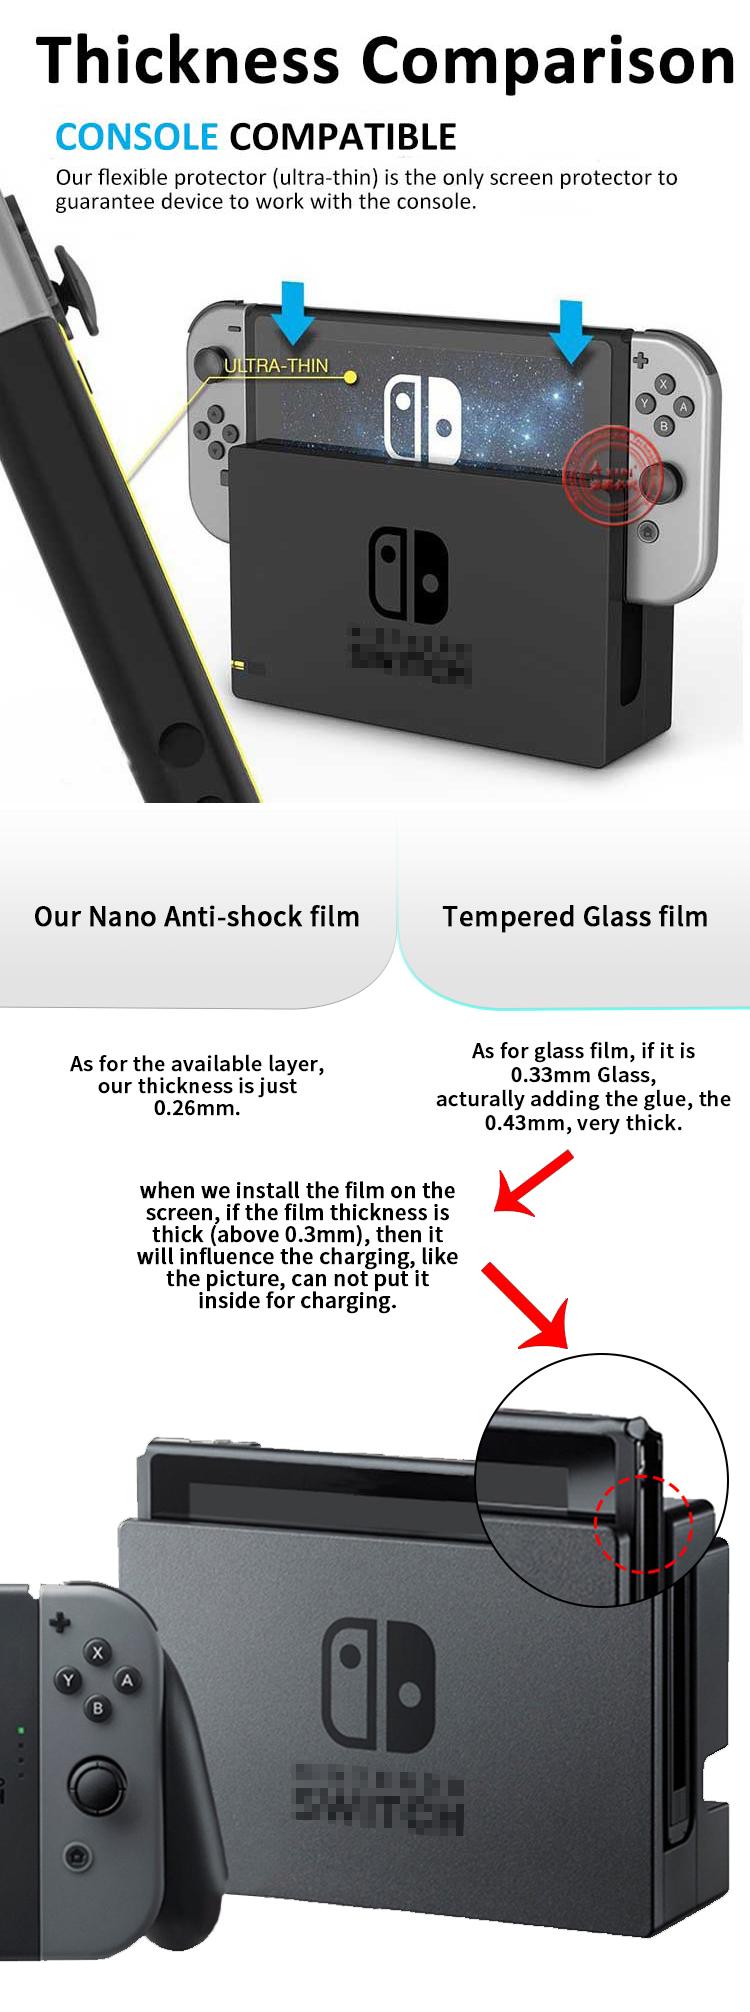 Amazon ผู้ผลิตทองทนทาน 9 H นาโนแก้วป้องกันการกระแทกหักป้องกันหน้าจอสำหรับ Nintendo สวิทช์ฟิล์มหน้าจอ